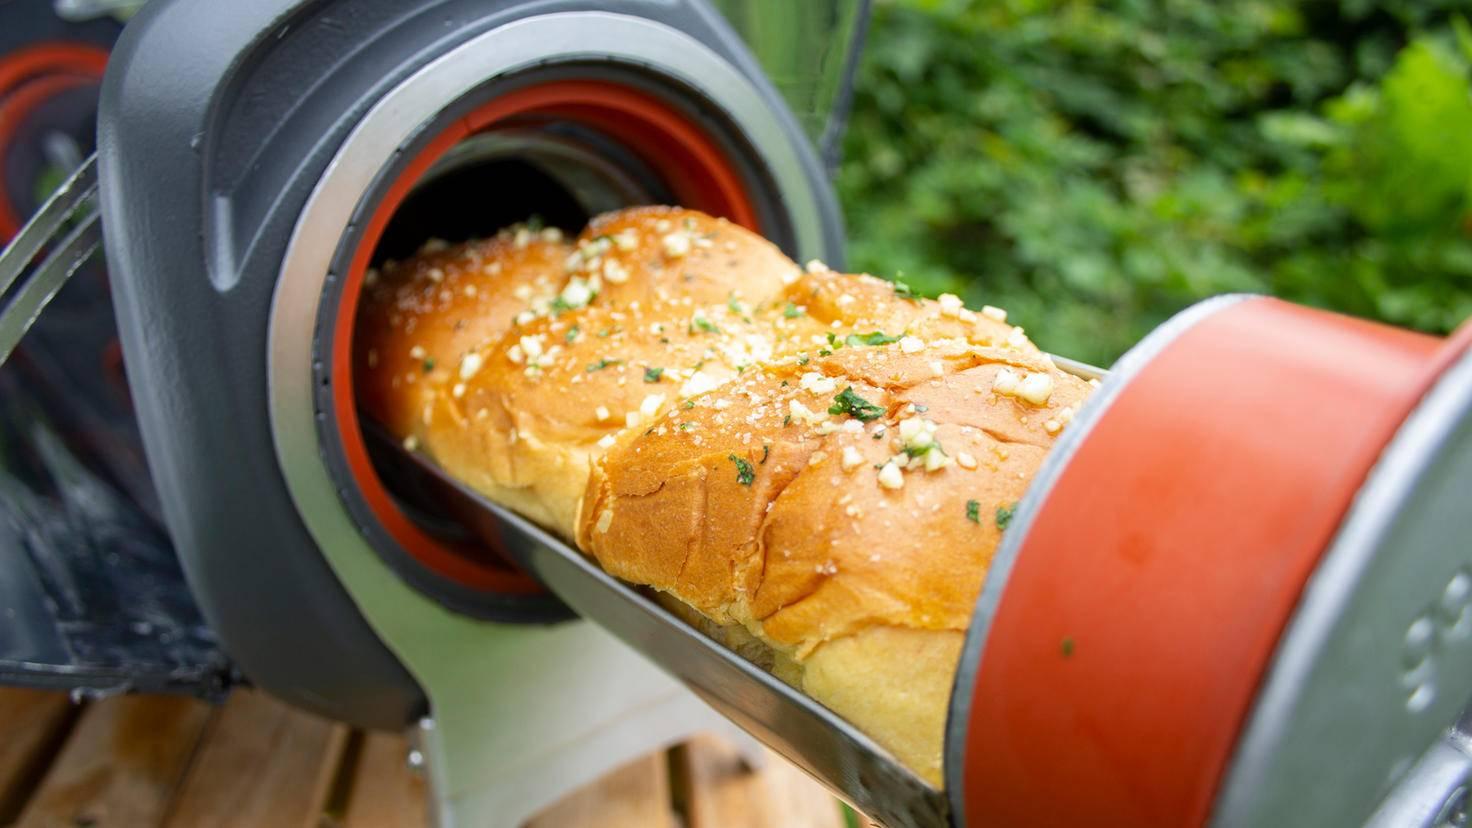 ... backt Brot und röstet Speisen auf Wunsch auch.